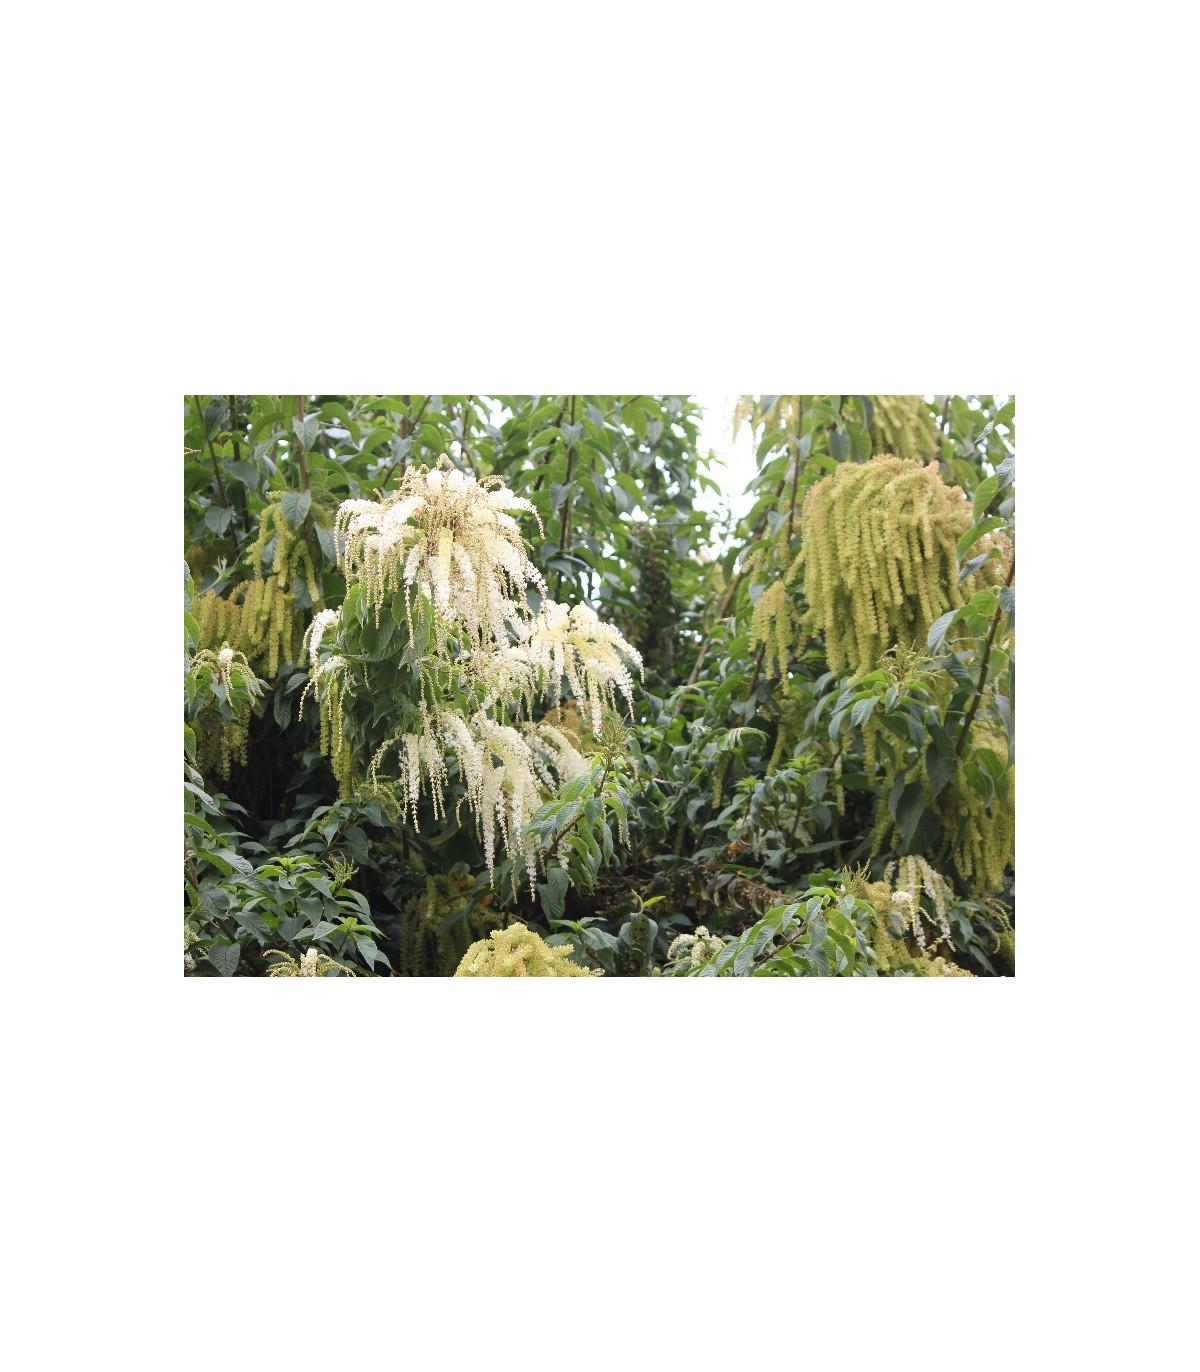 Ledenbergie peruánská - Ledenbergia peruviana - prodej semen - 8 ks